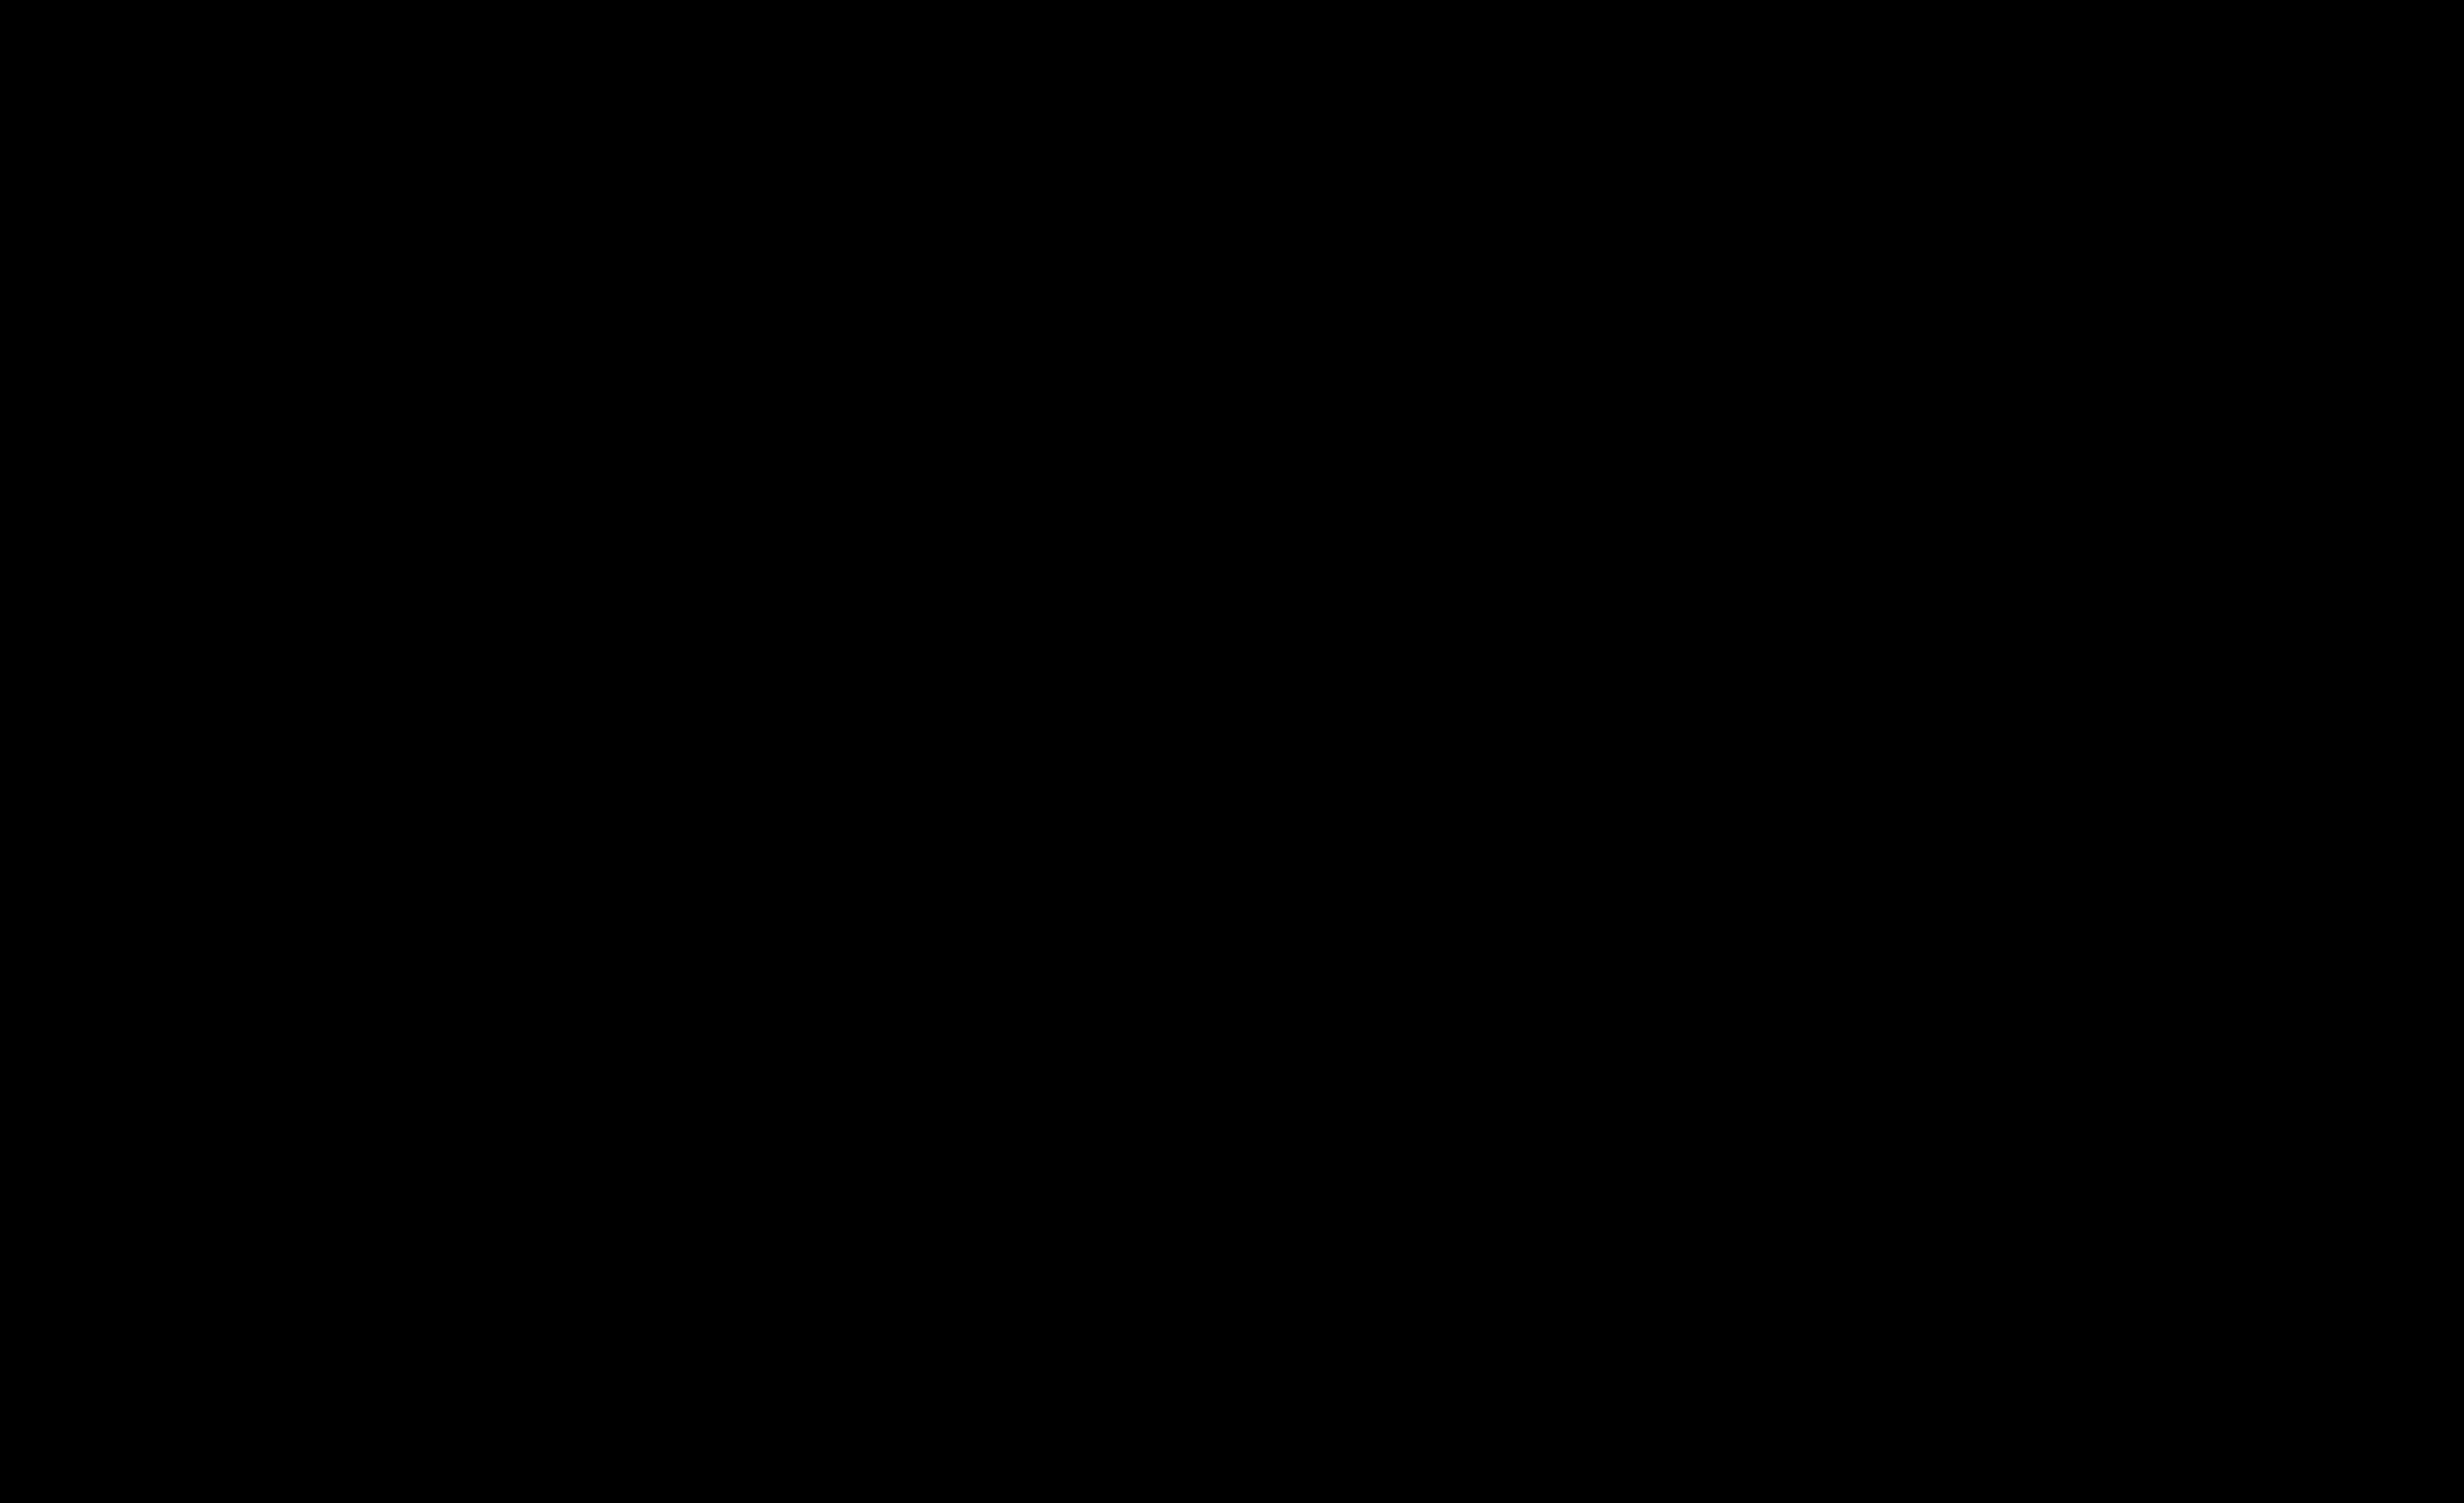 Figiure 2, statistical comparison in Performance.